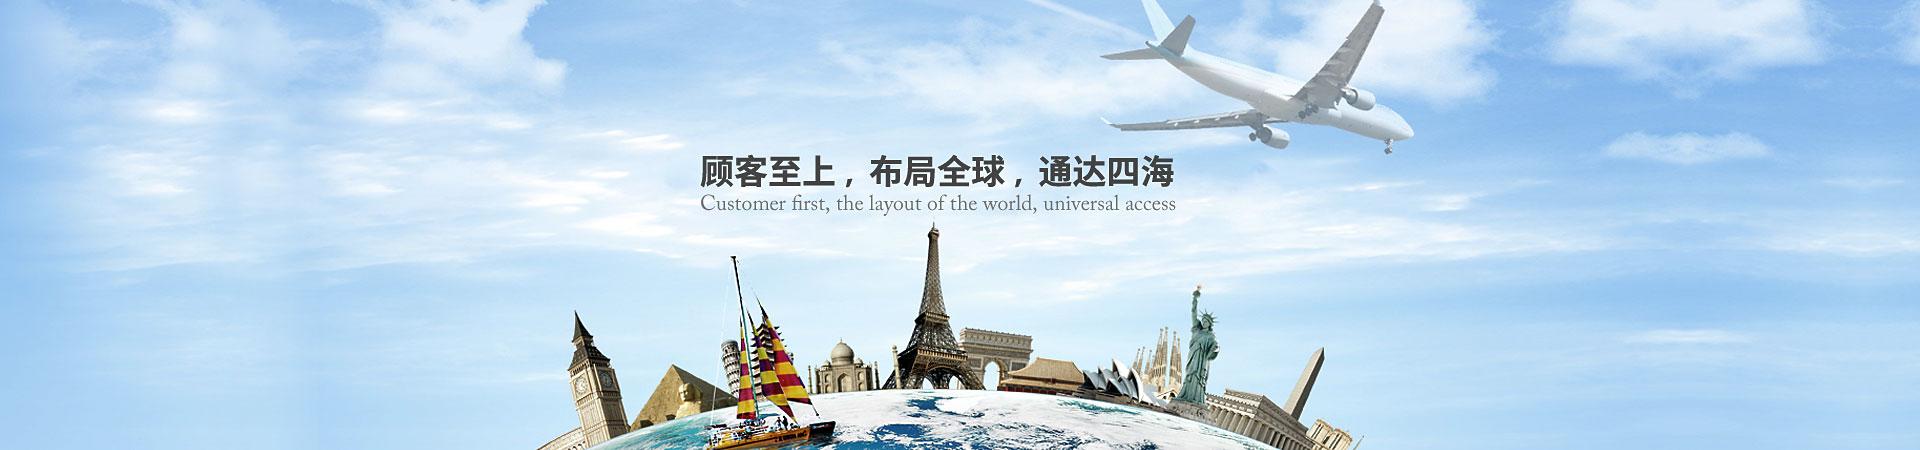 广告图模板8 上海塞隆电子设备有限公司